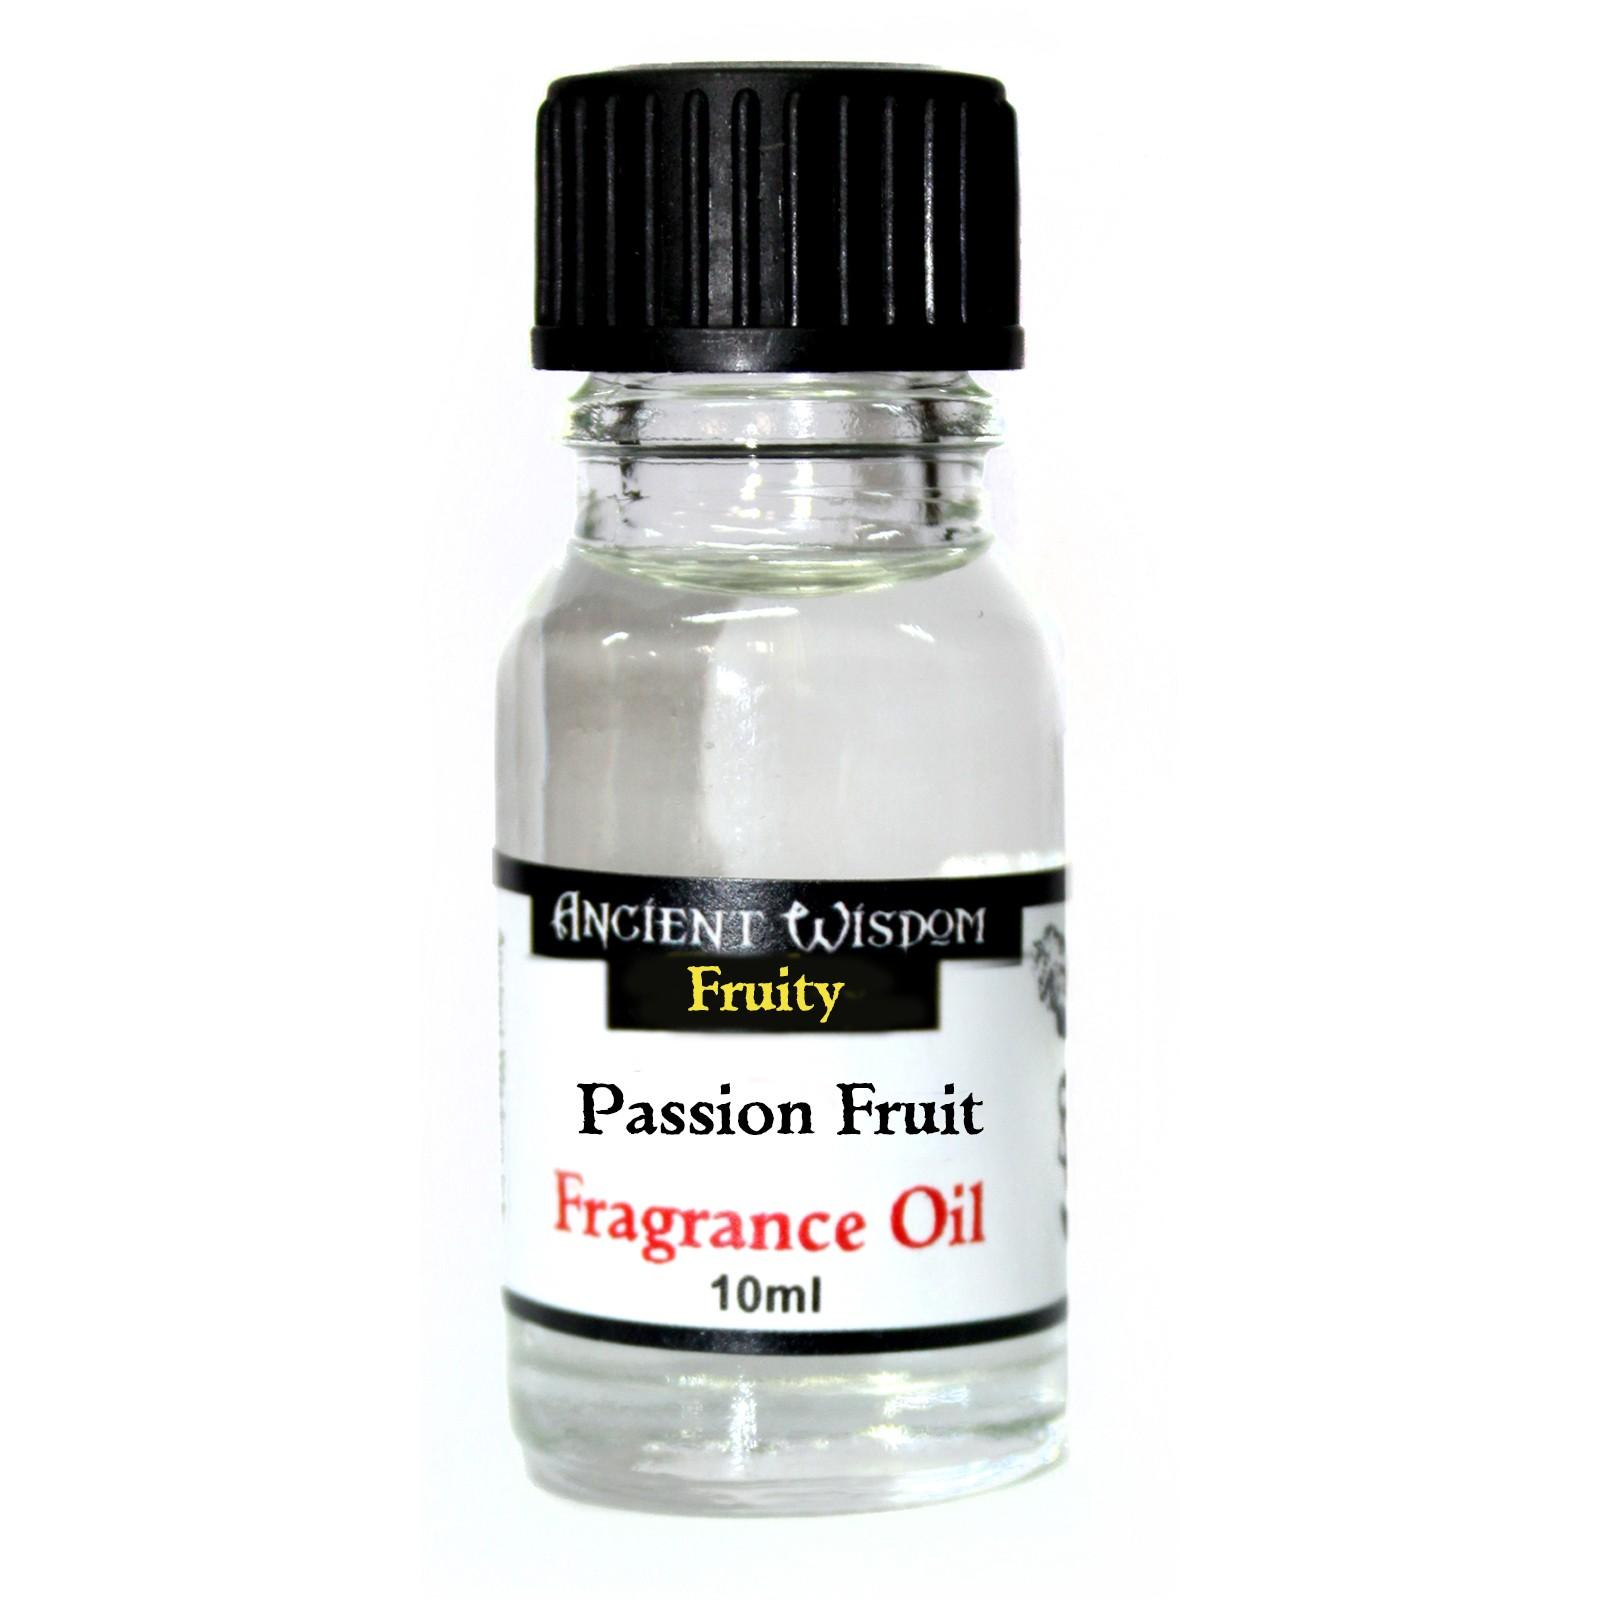 10ml Passion Fruit Fragrance Oil